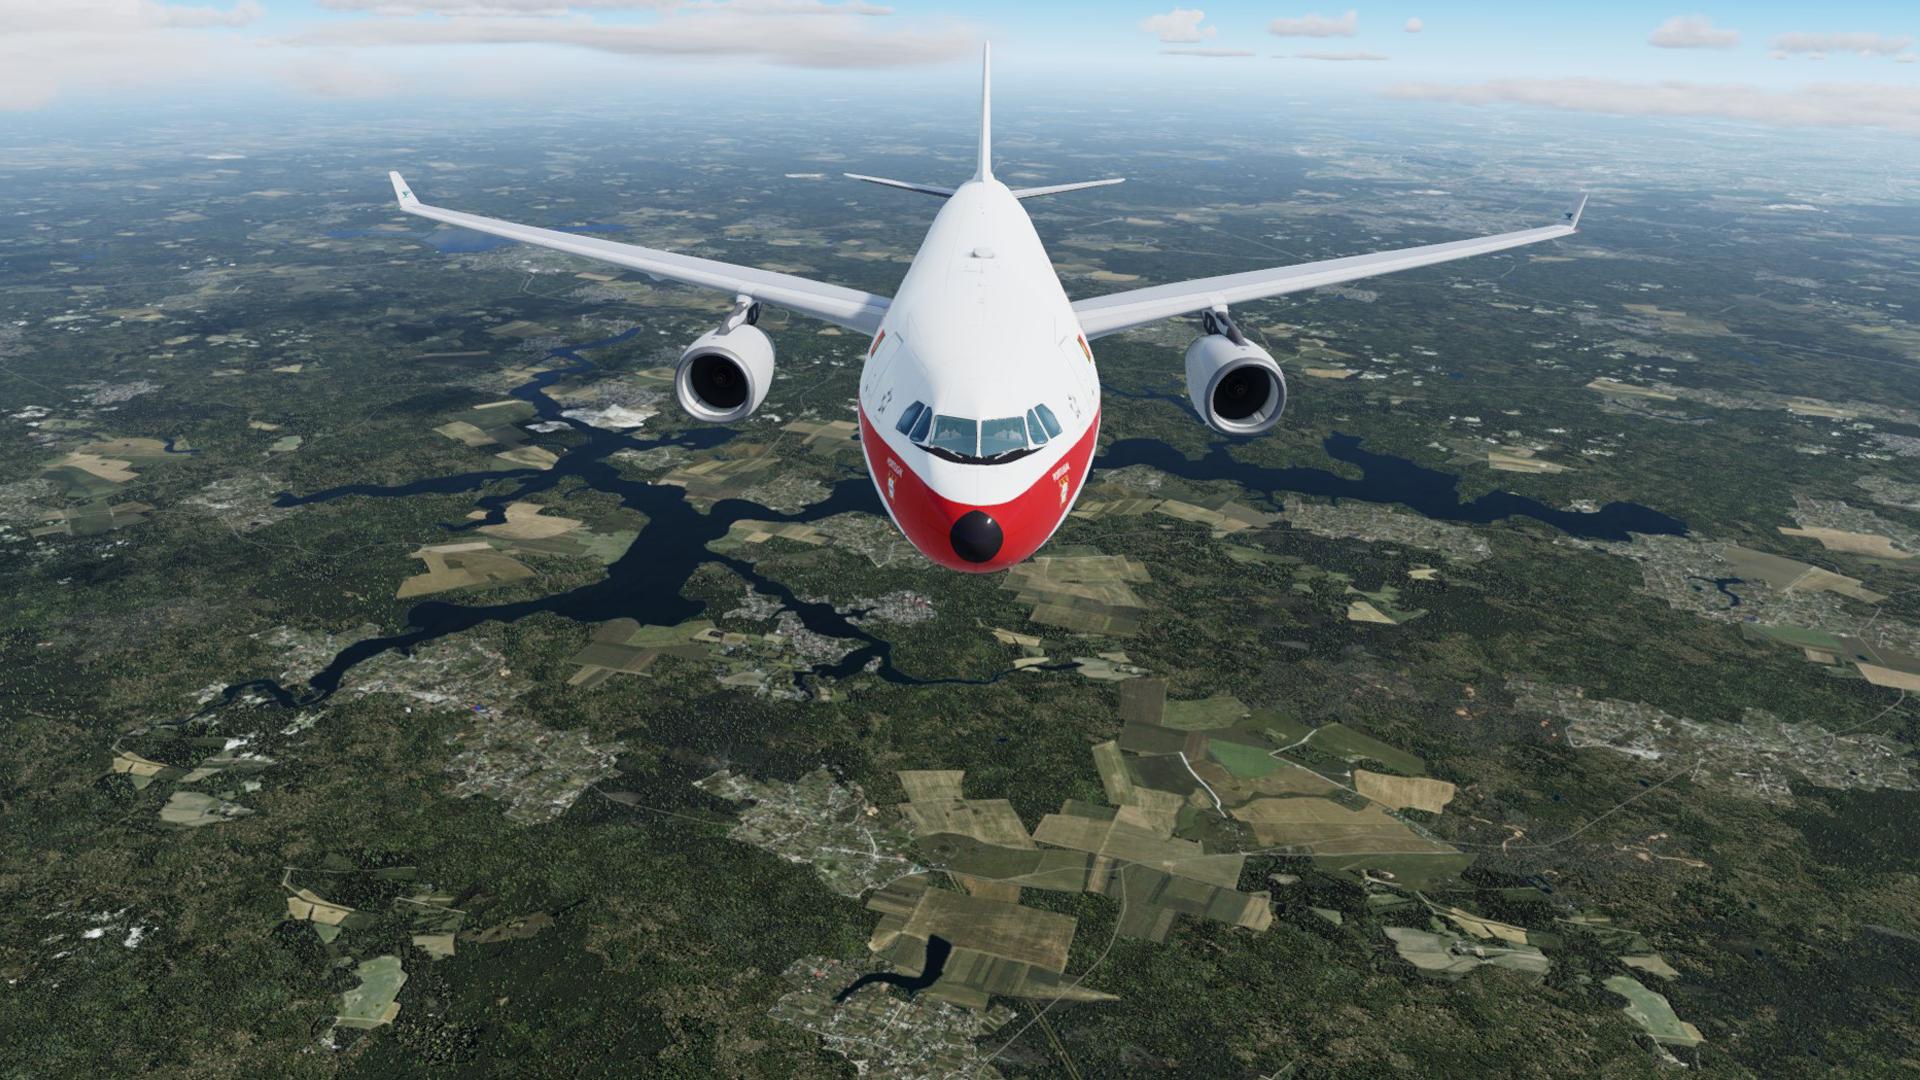 Simuladores – Aerosoft A330 Professional (P3DV5)